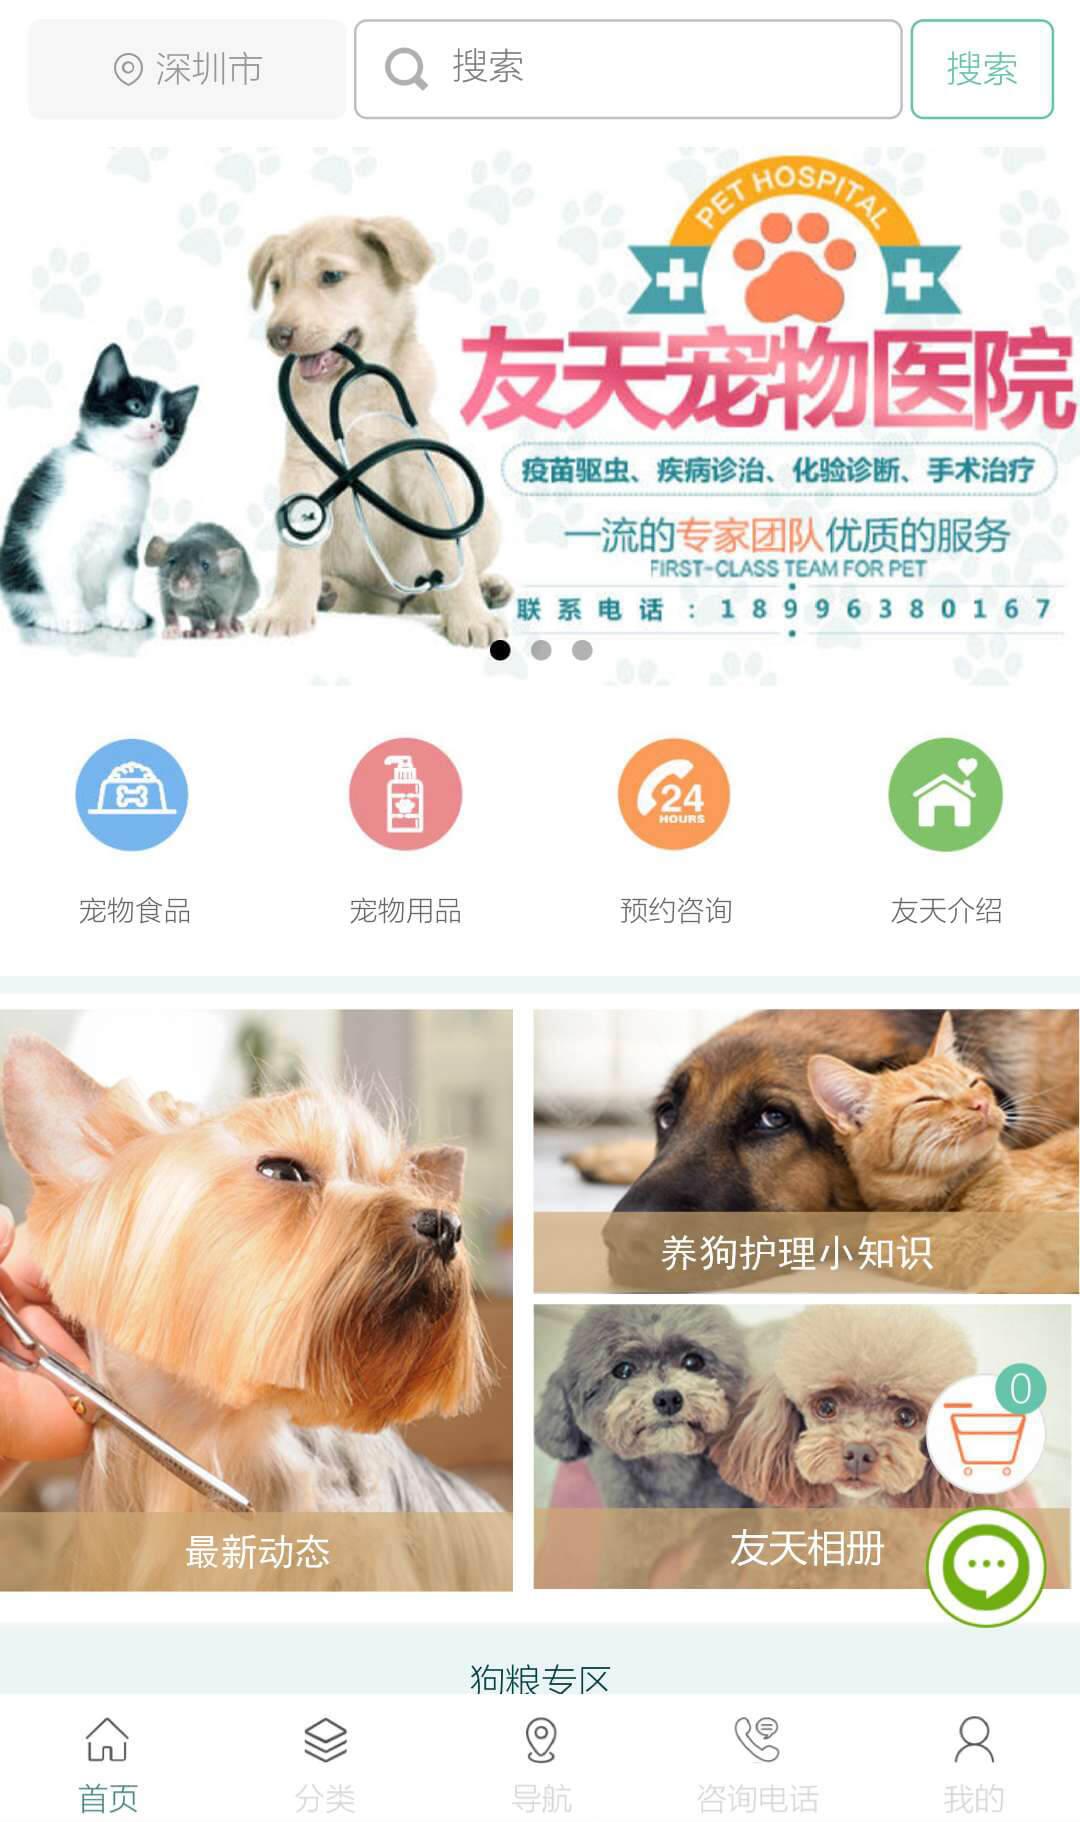 宠物医疗咨询平台小程序